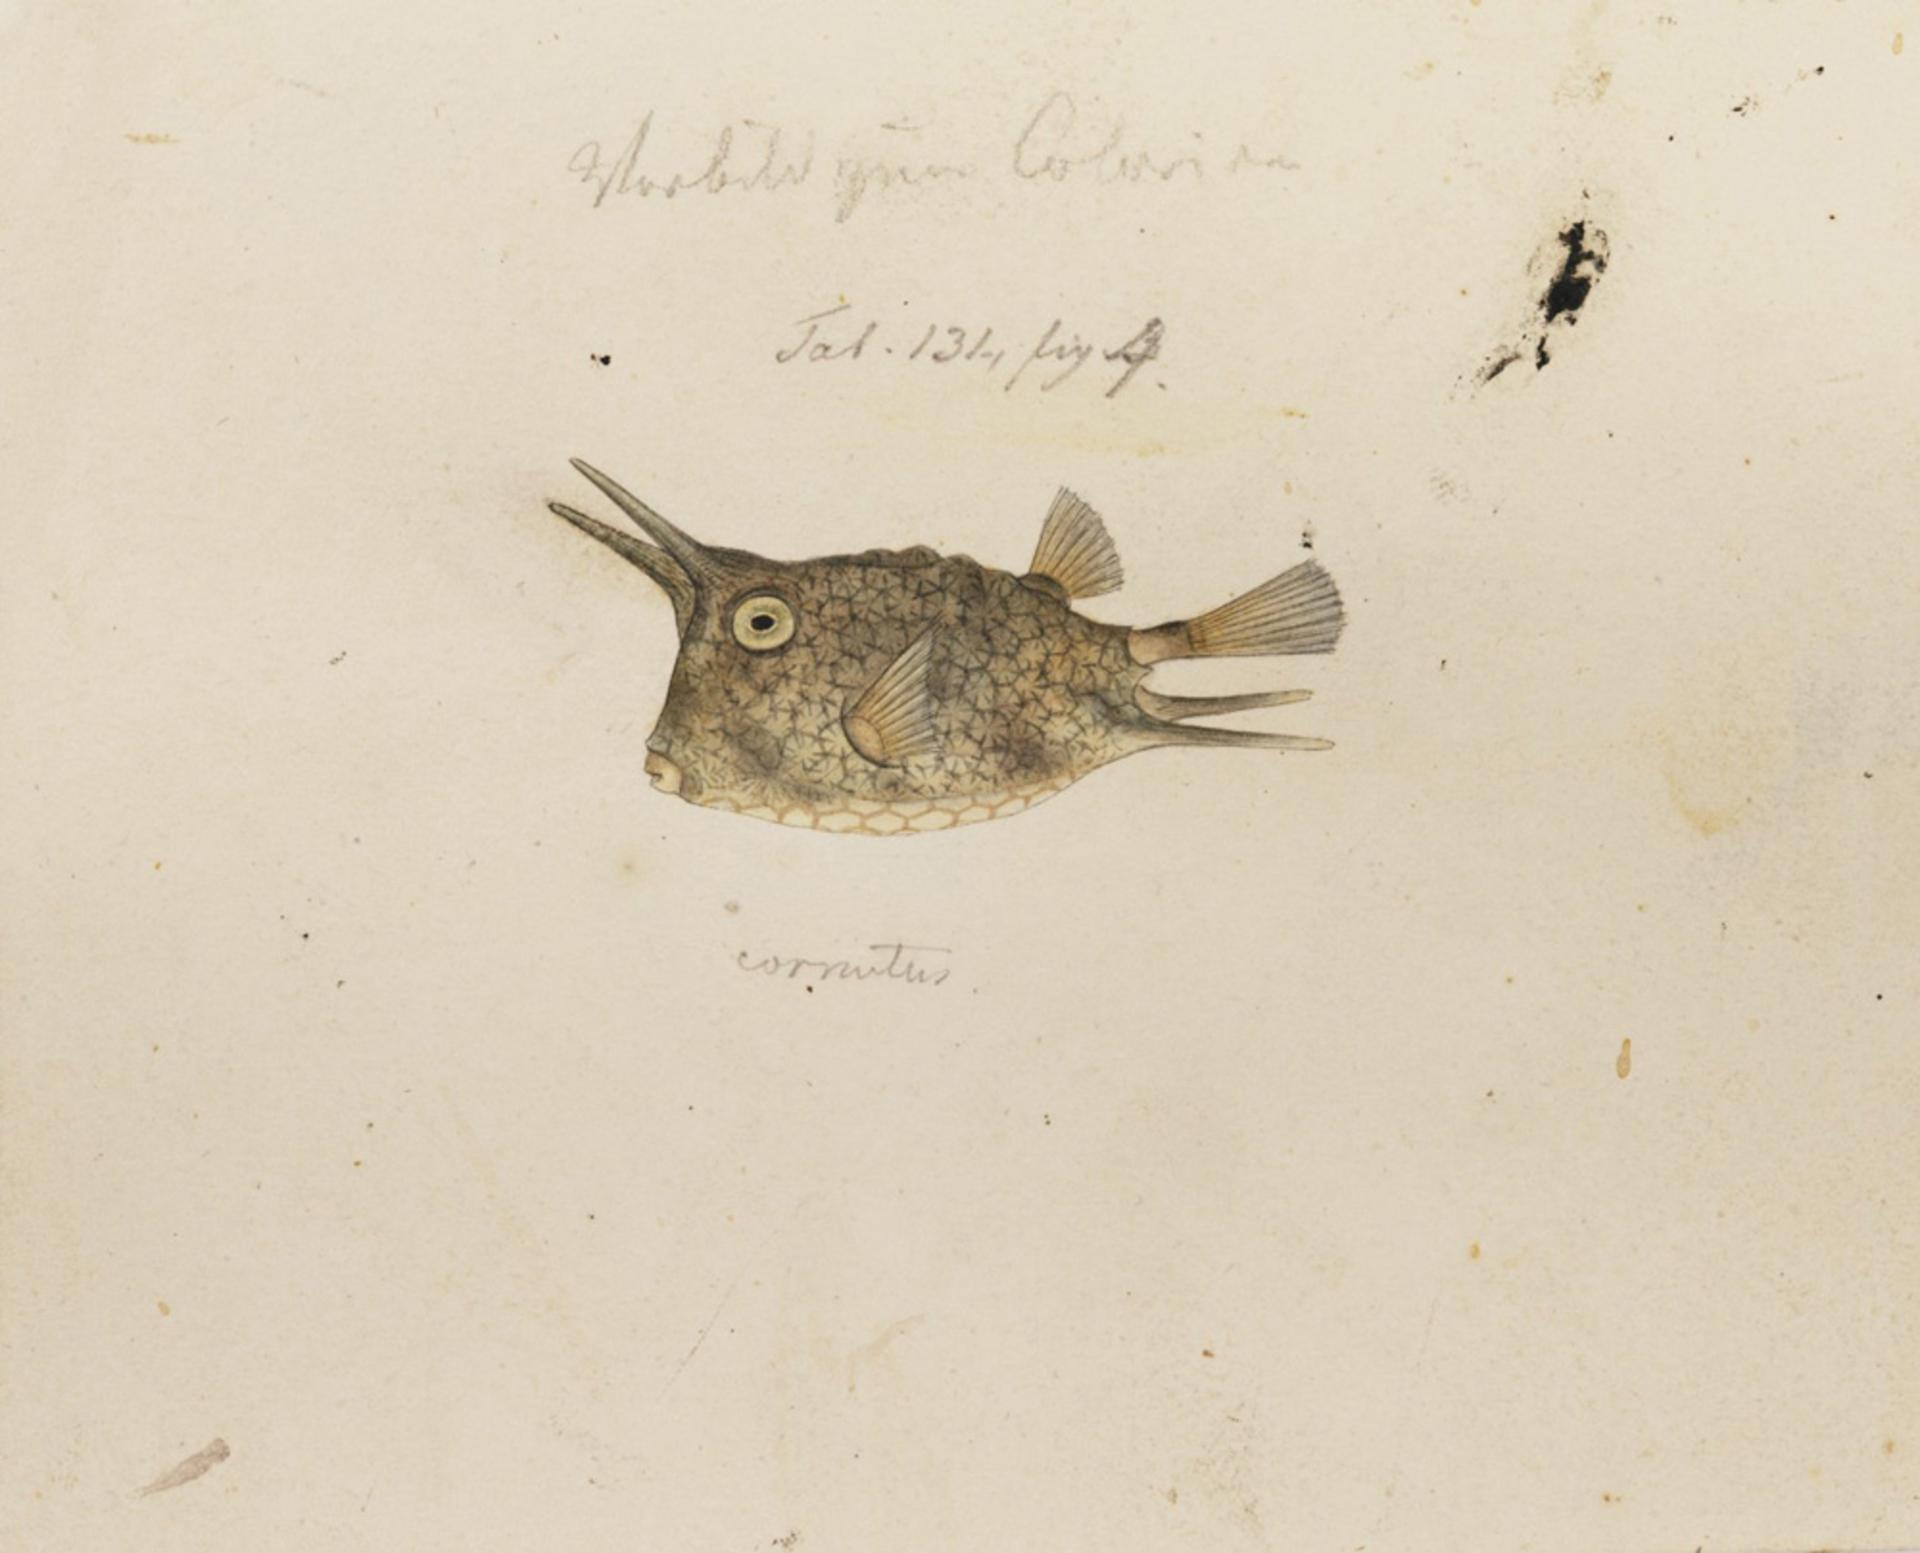 RMNH.ART.185 | Lactoris cornutus